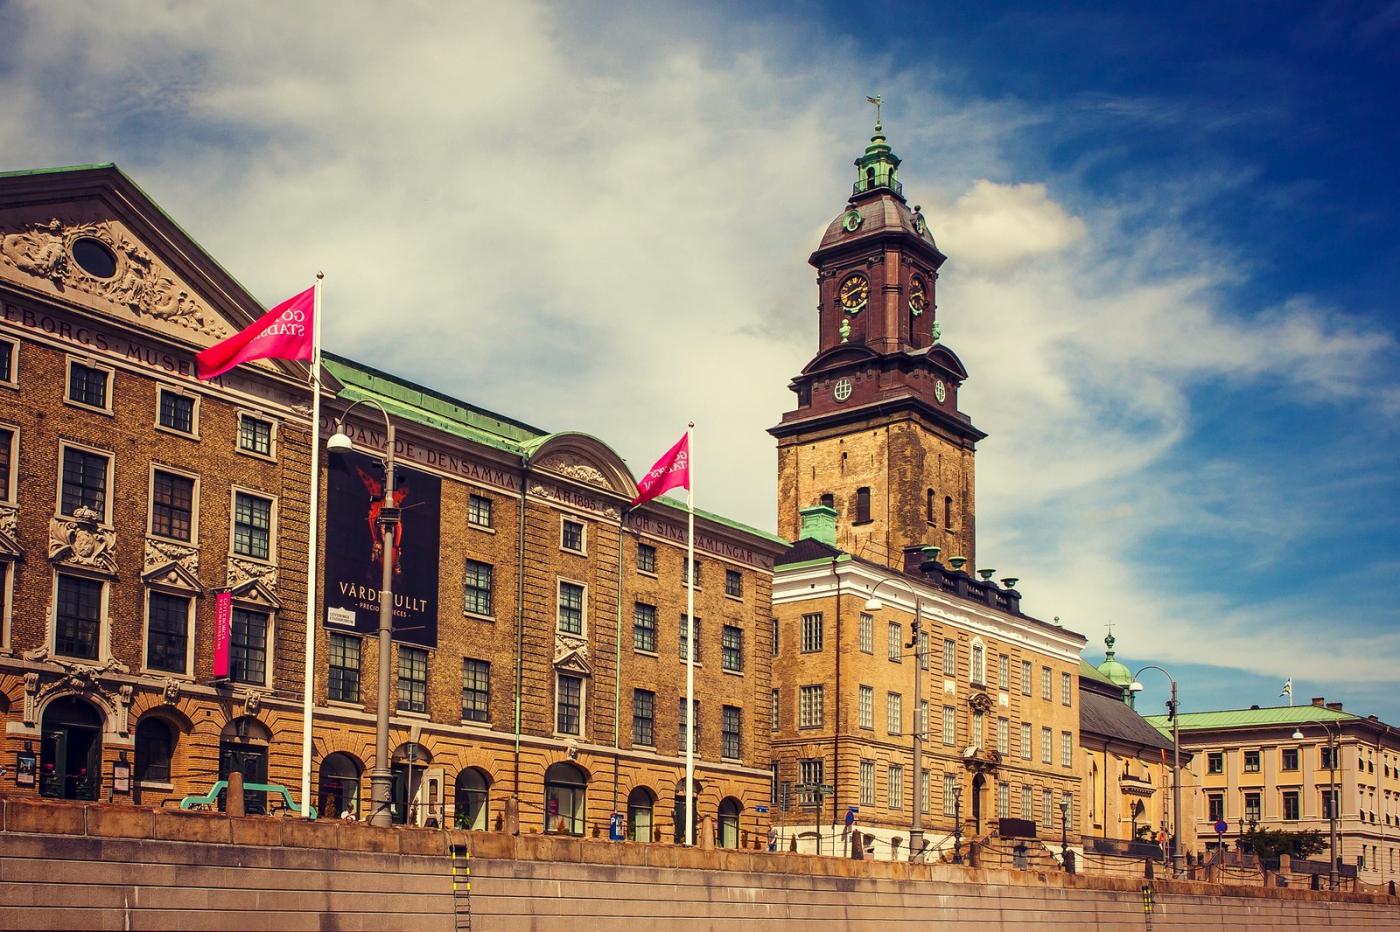 瑞典哥德堡,這幢大廈很特殊_圖1-2